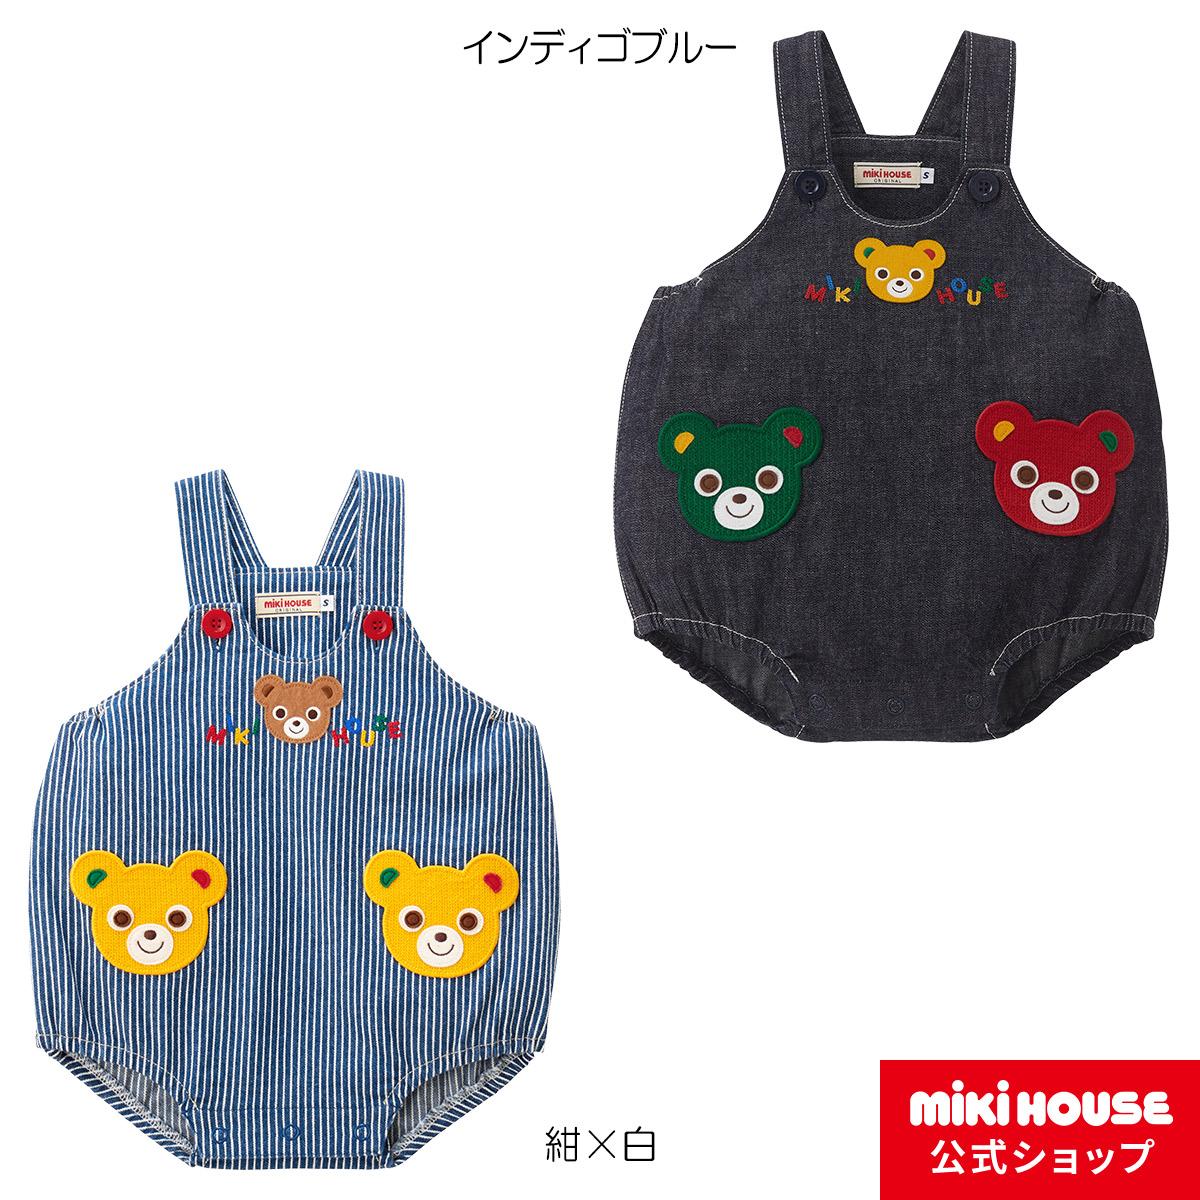 ミキハウス mikihouse ロンパース〈S-M(70cm-90cm)〉 co202008_f